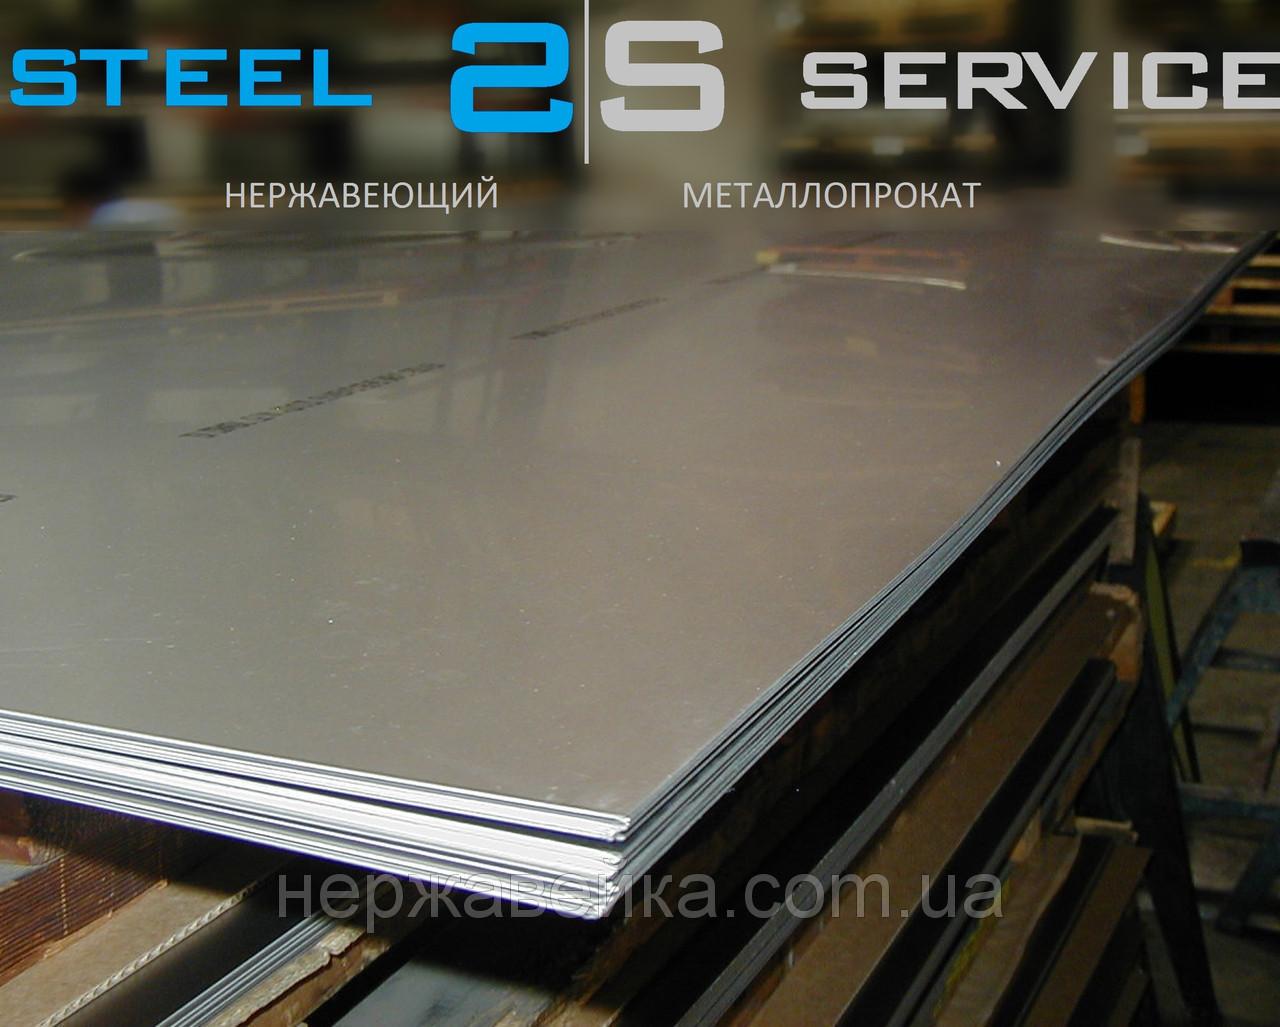 Нержавеющий лист 30х1500х6000мм  AISI 321(08Х18Н10Т) F1 - горячекатанный,  пищевой